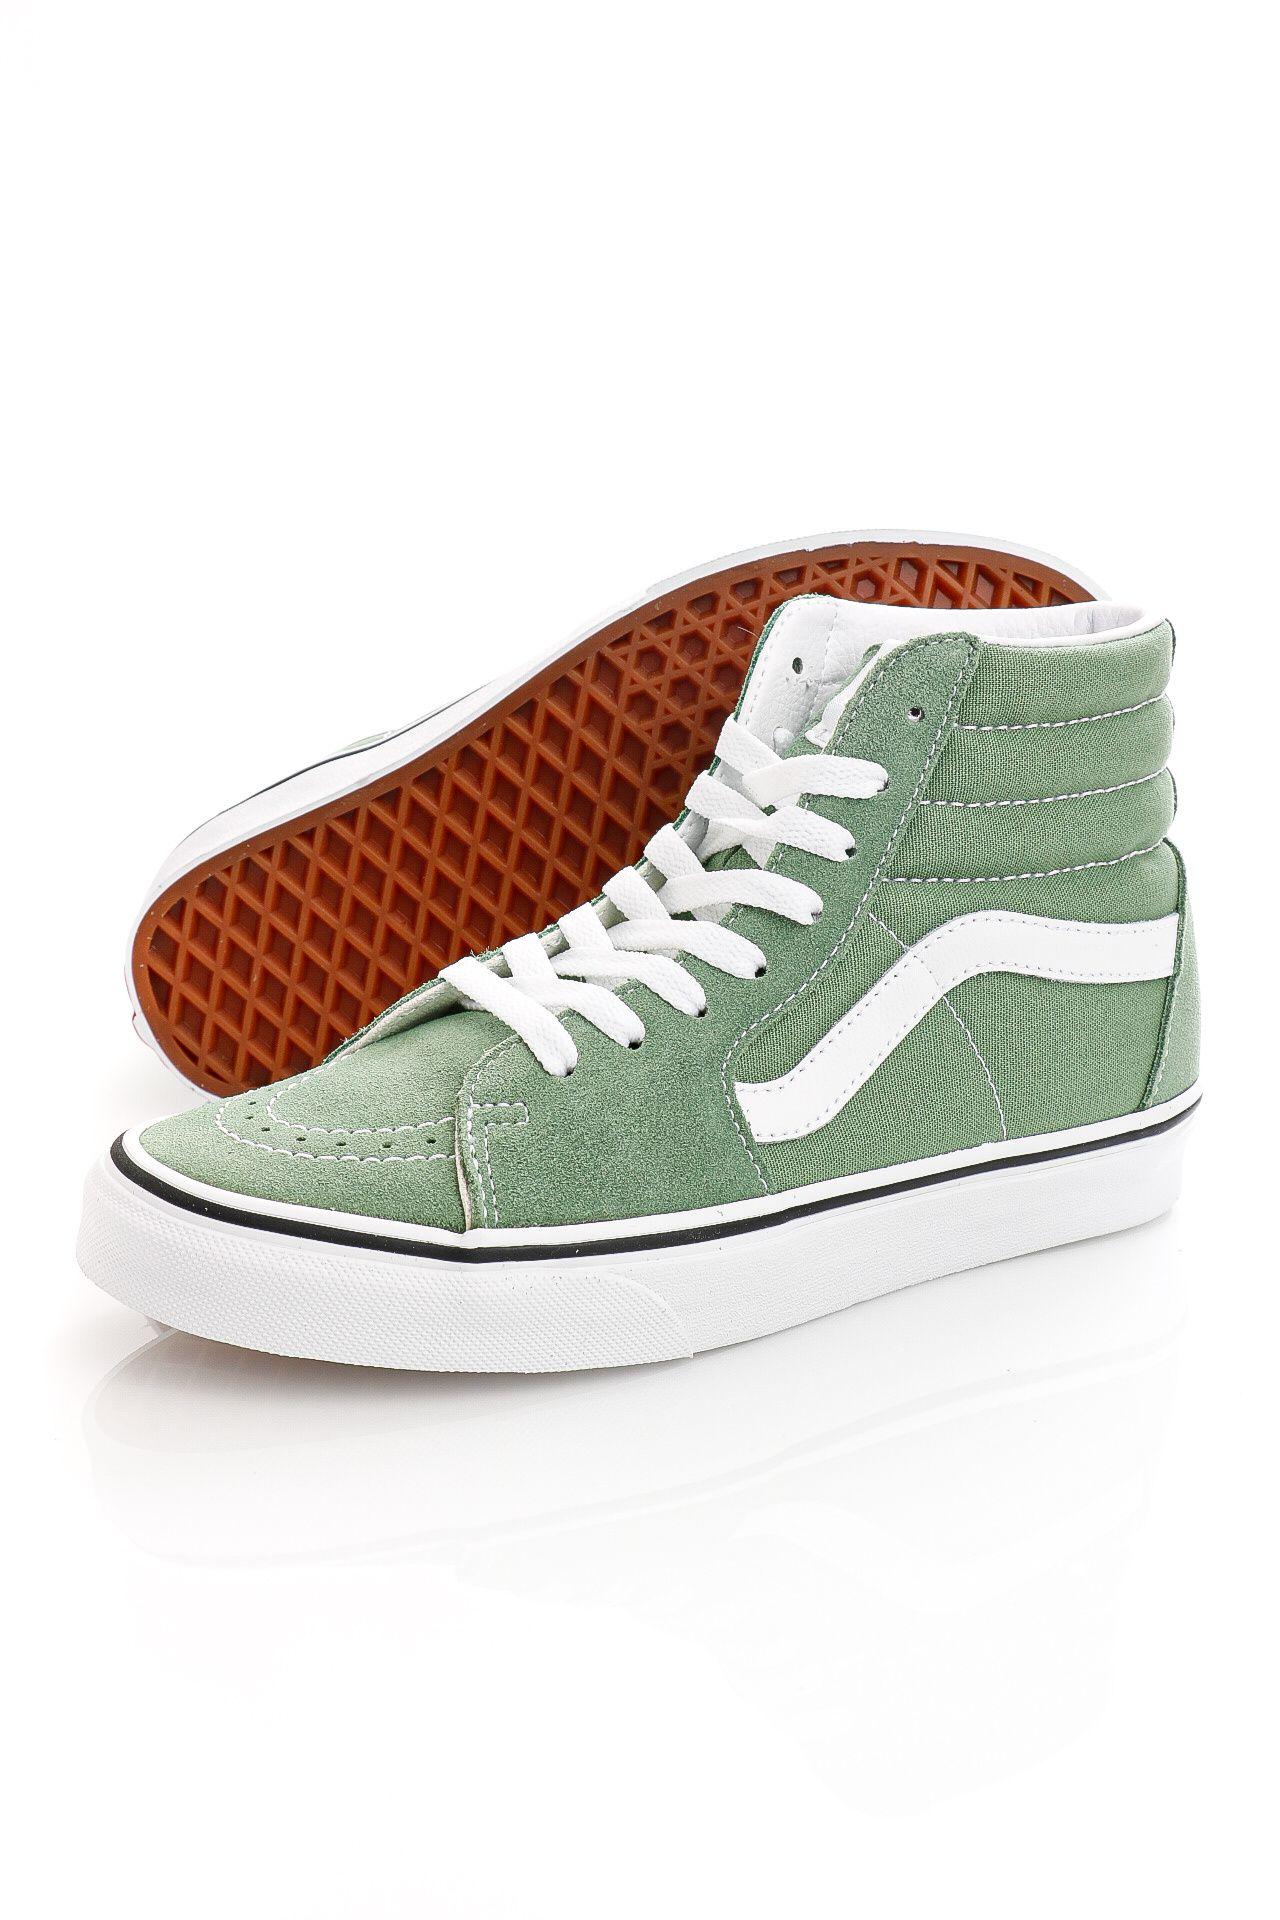 Afbeelding van Vans Sneakers UA SK8-Hi Shale Green/True white VN0A32QG4G61